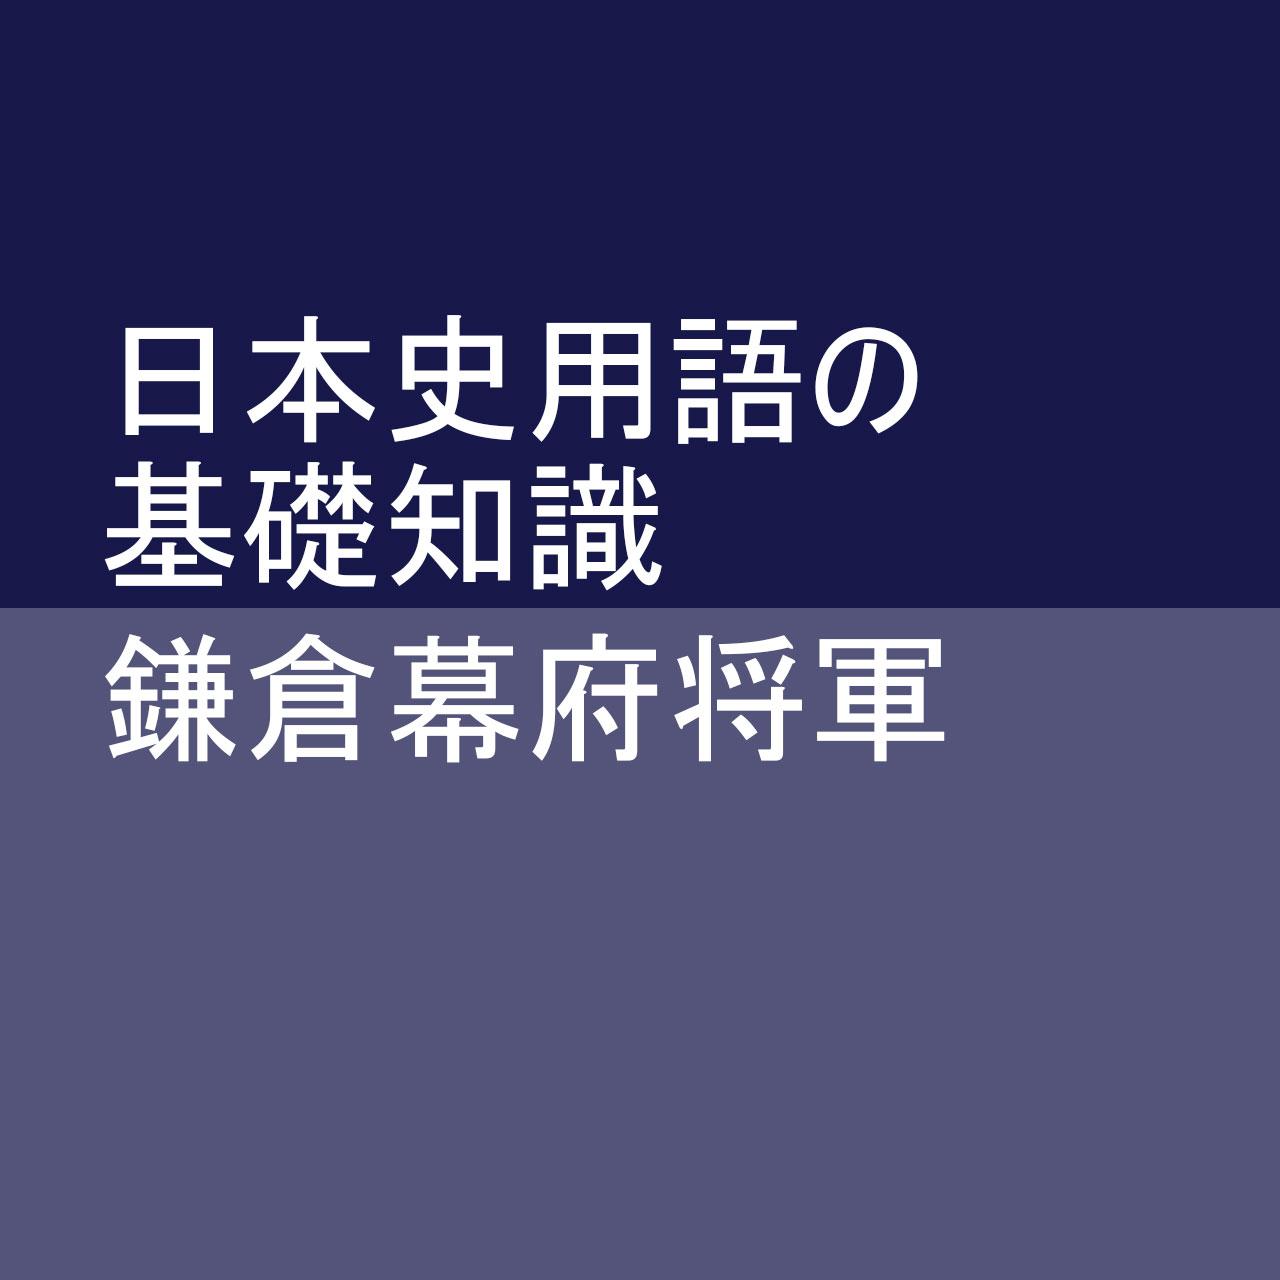 日本史用語の基礎知識 鎌倉幕府将軍